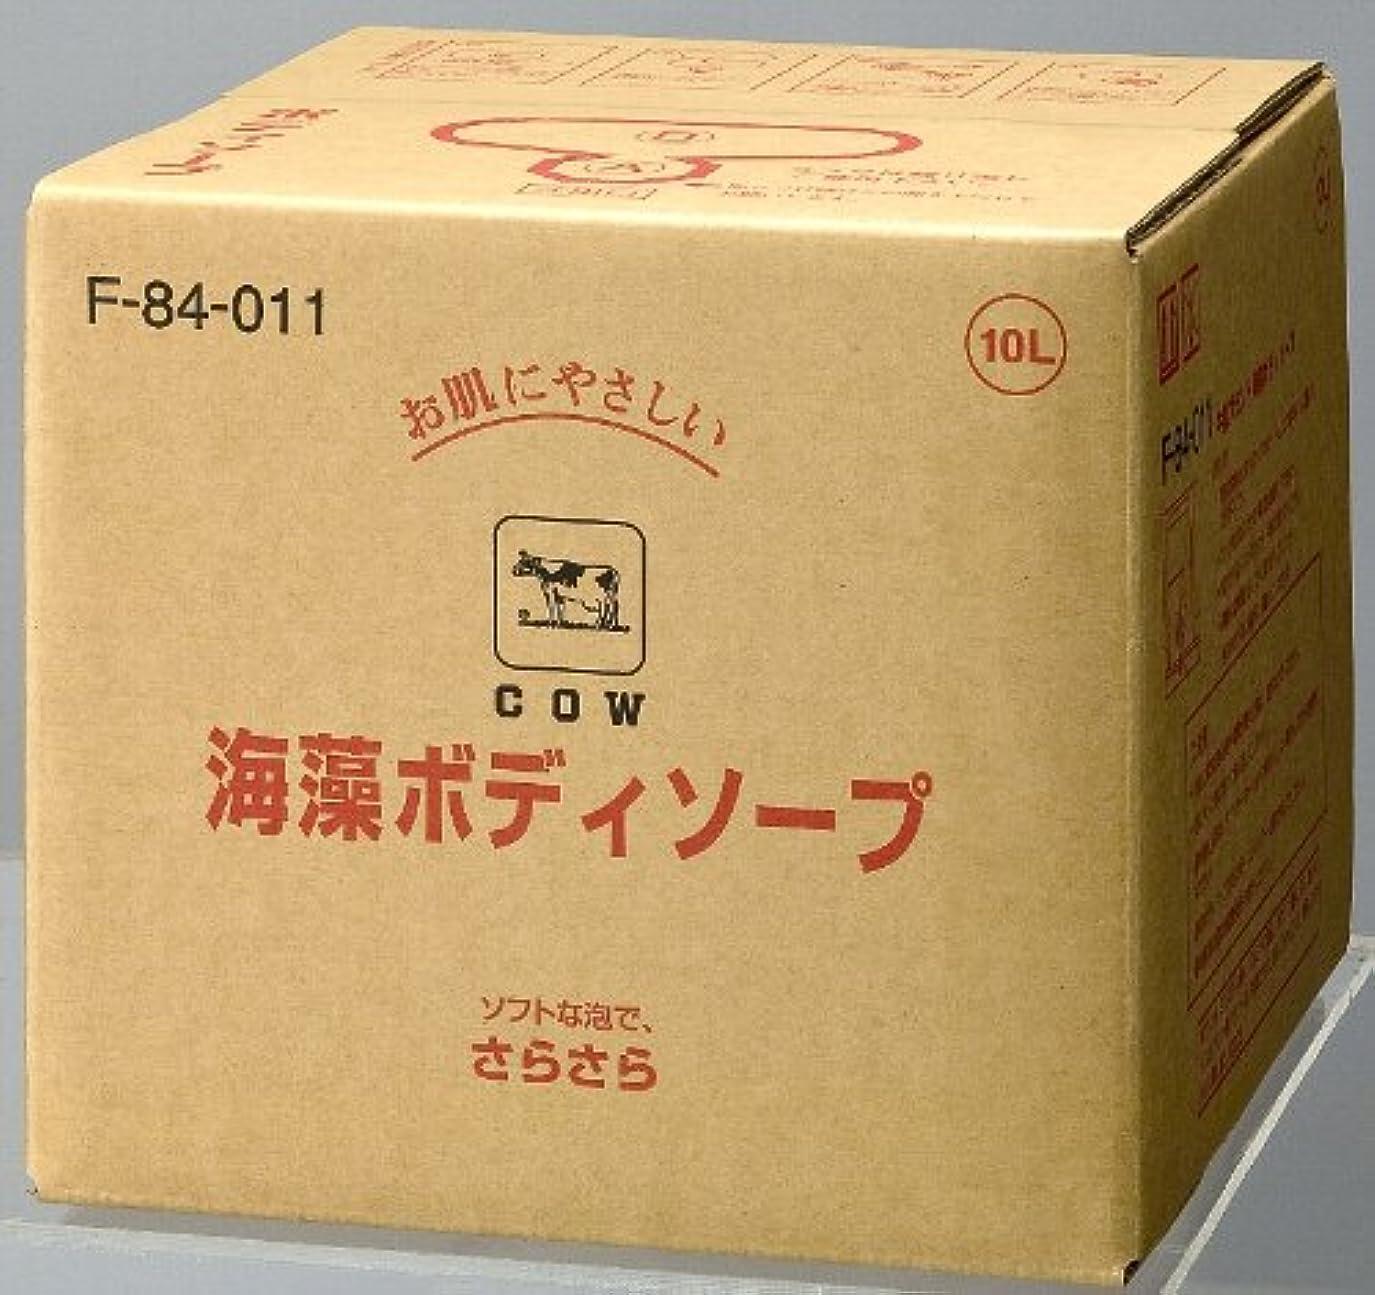 地域の電気技師カフェ【業務用】カウブランド海藻ボディソープ 10L